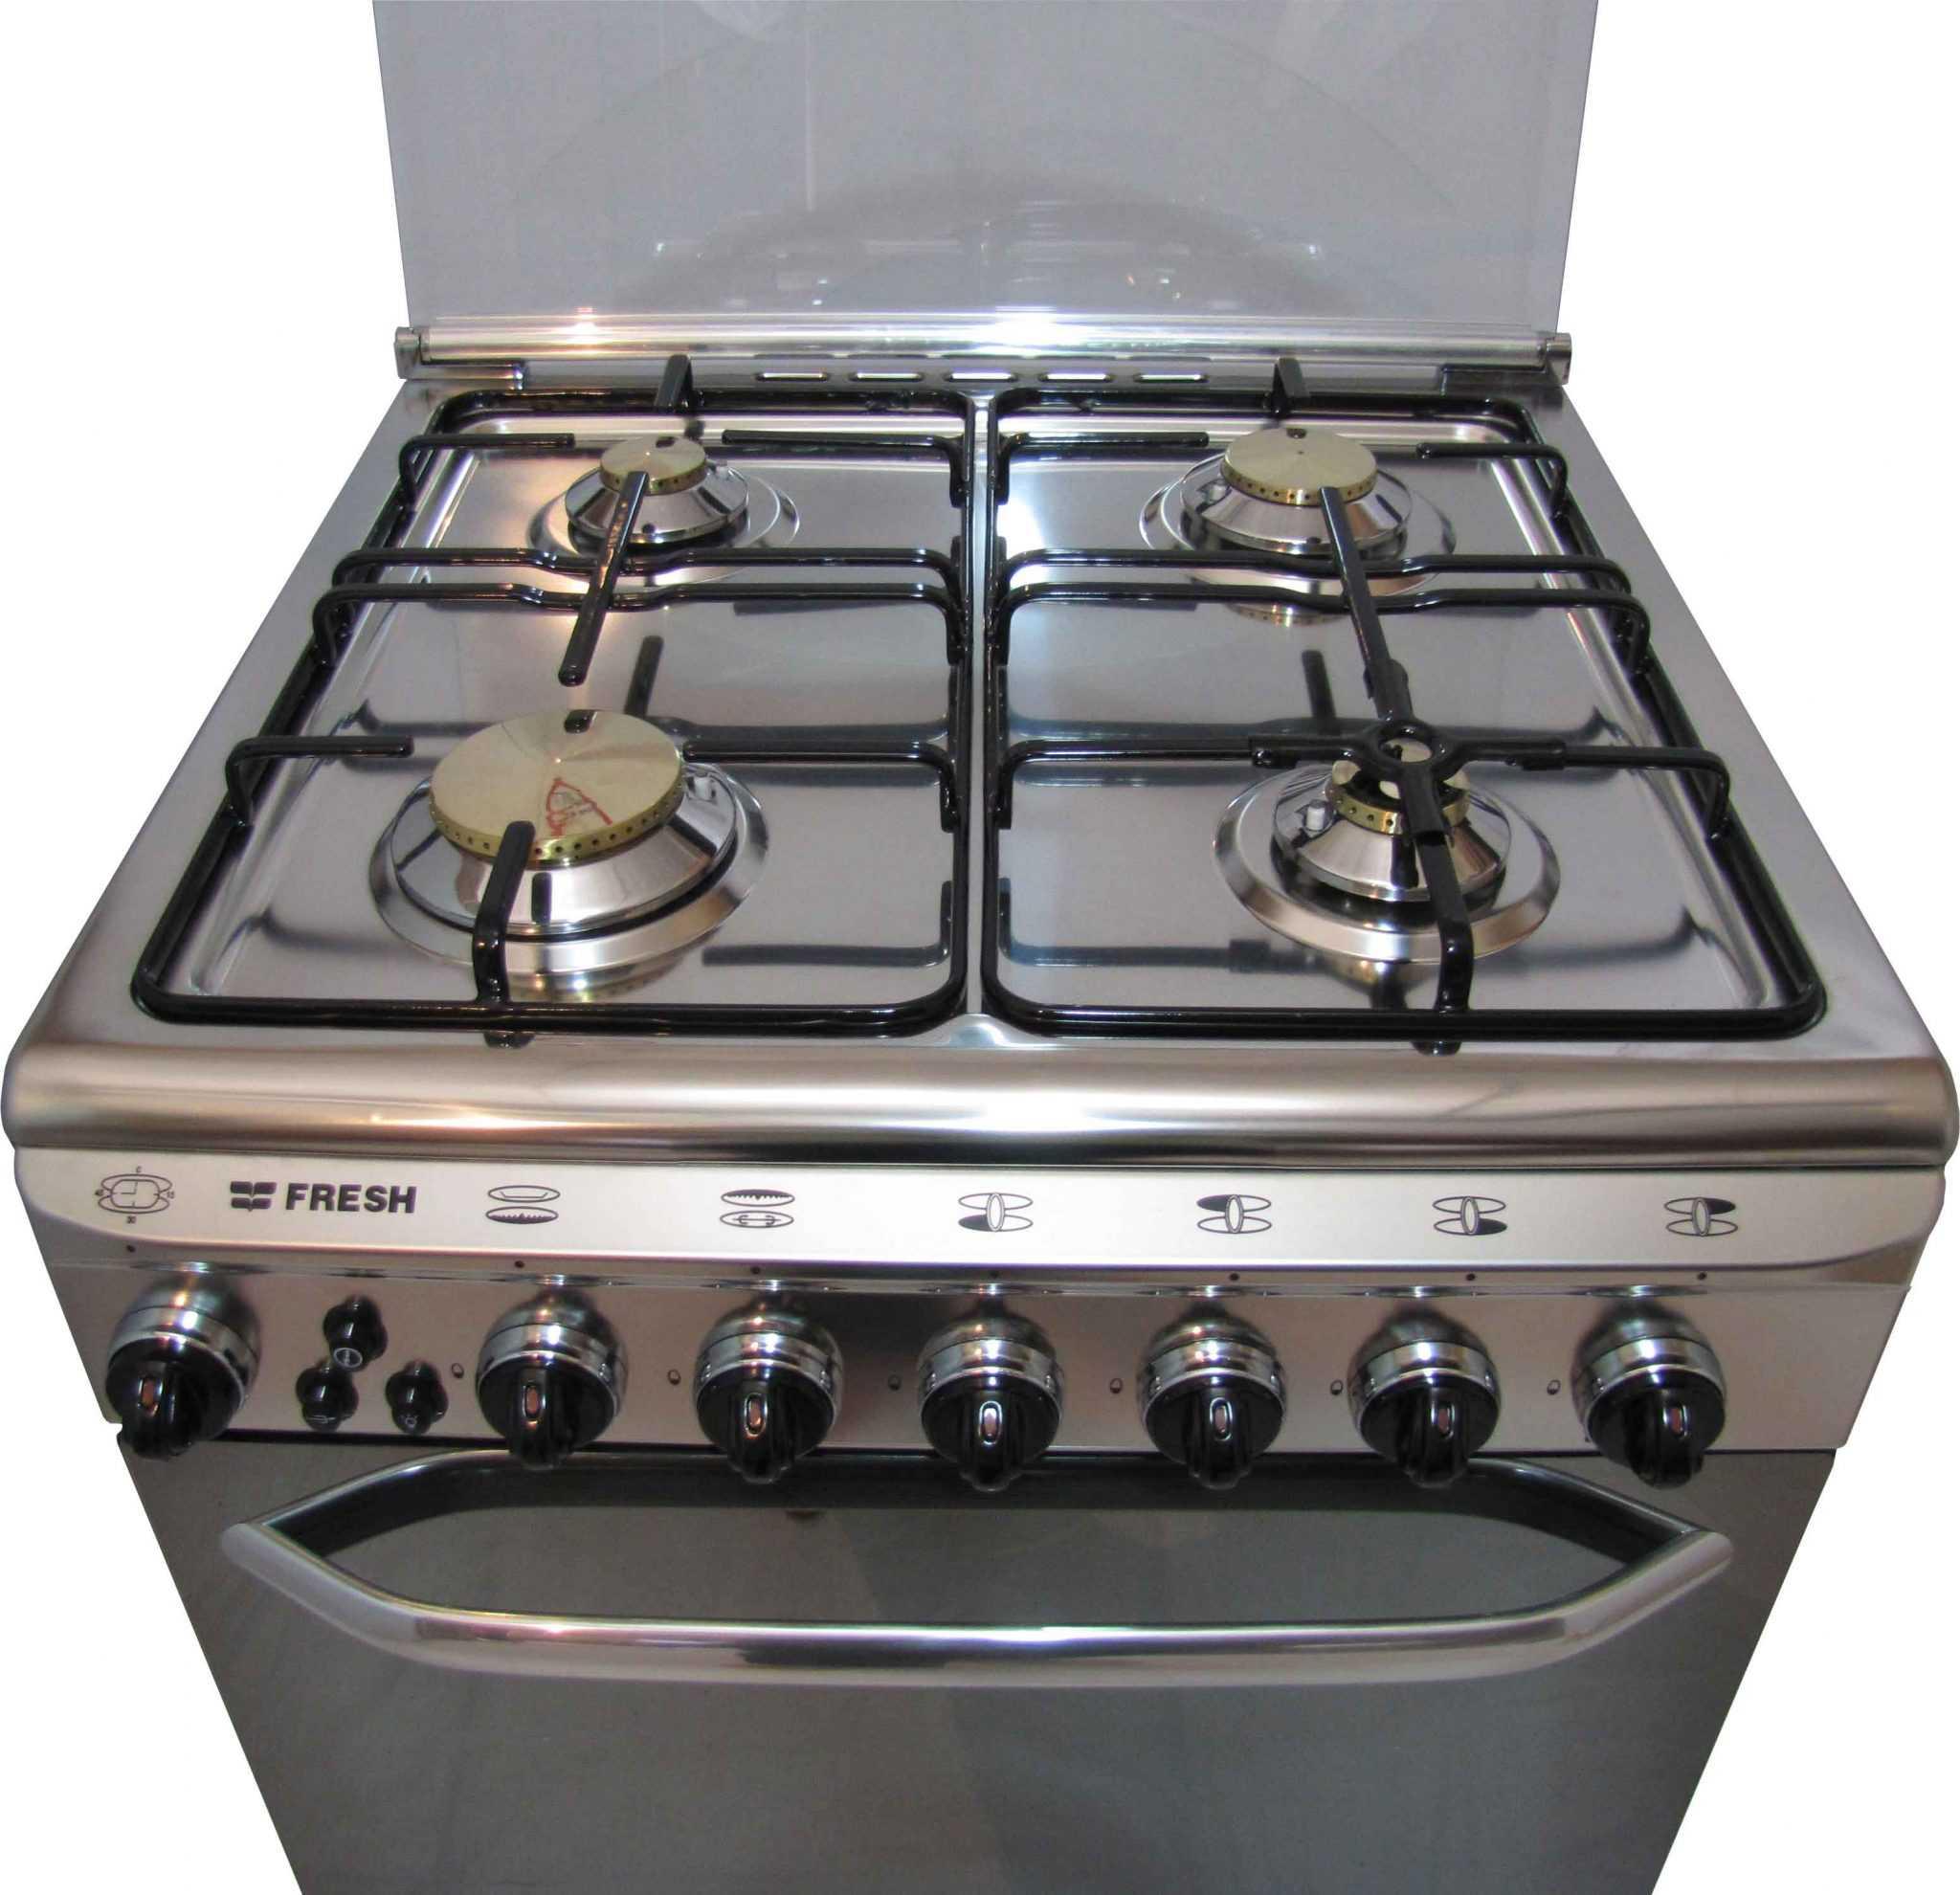 Как выбрать лучшую газовую плиту с хорошей духовкой, их параметры и различия